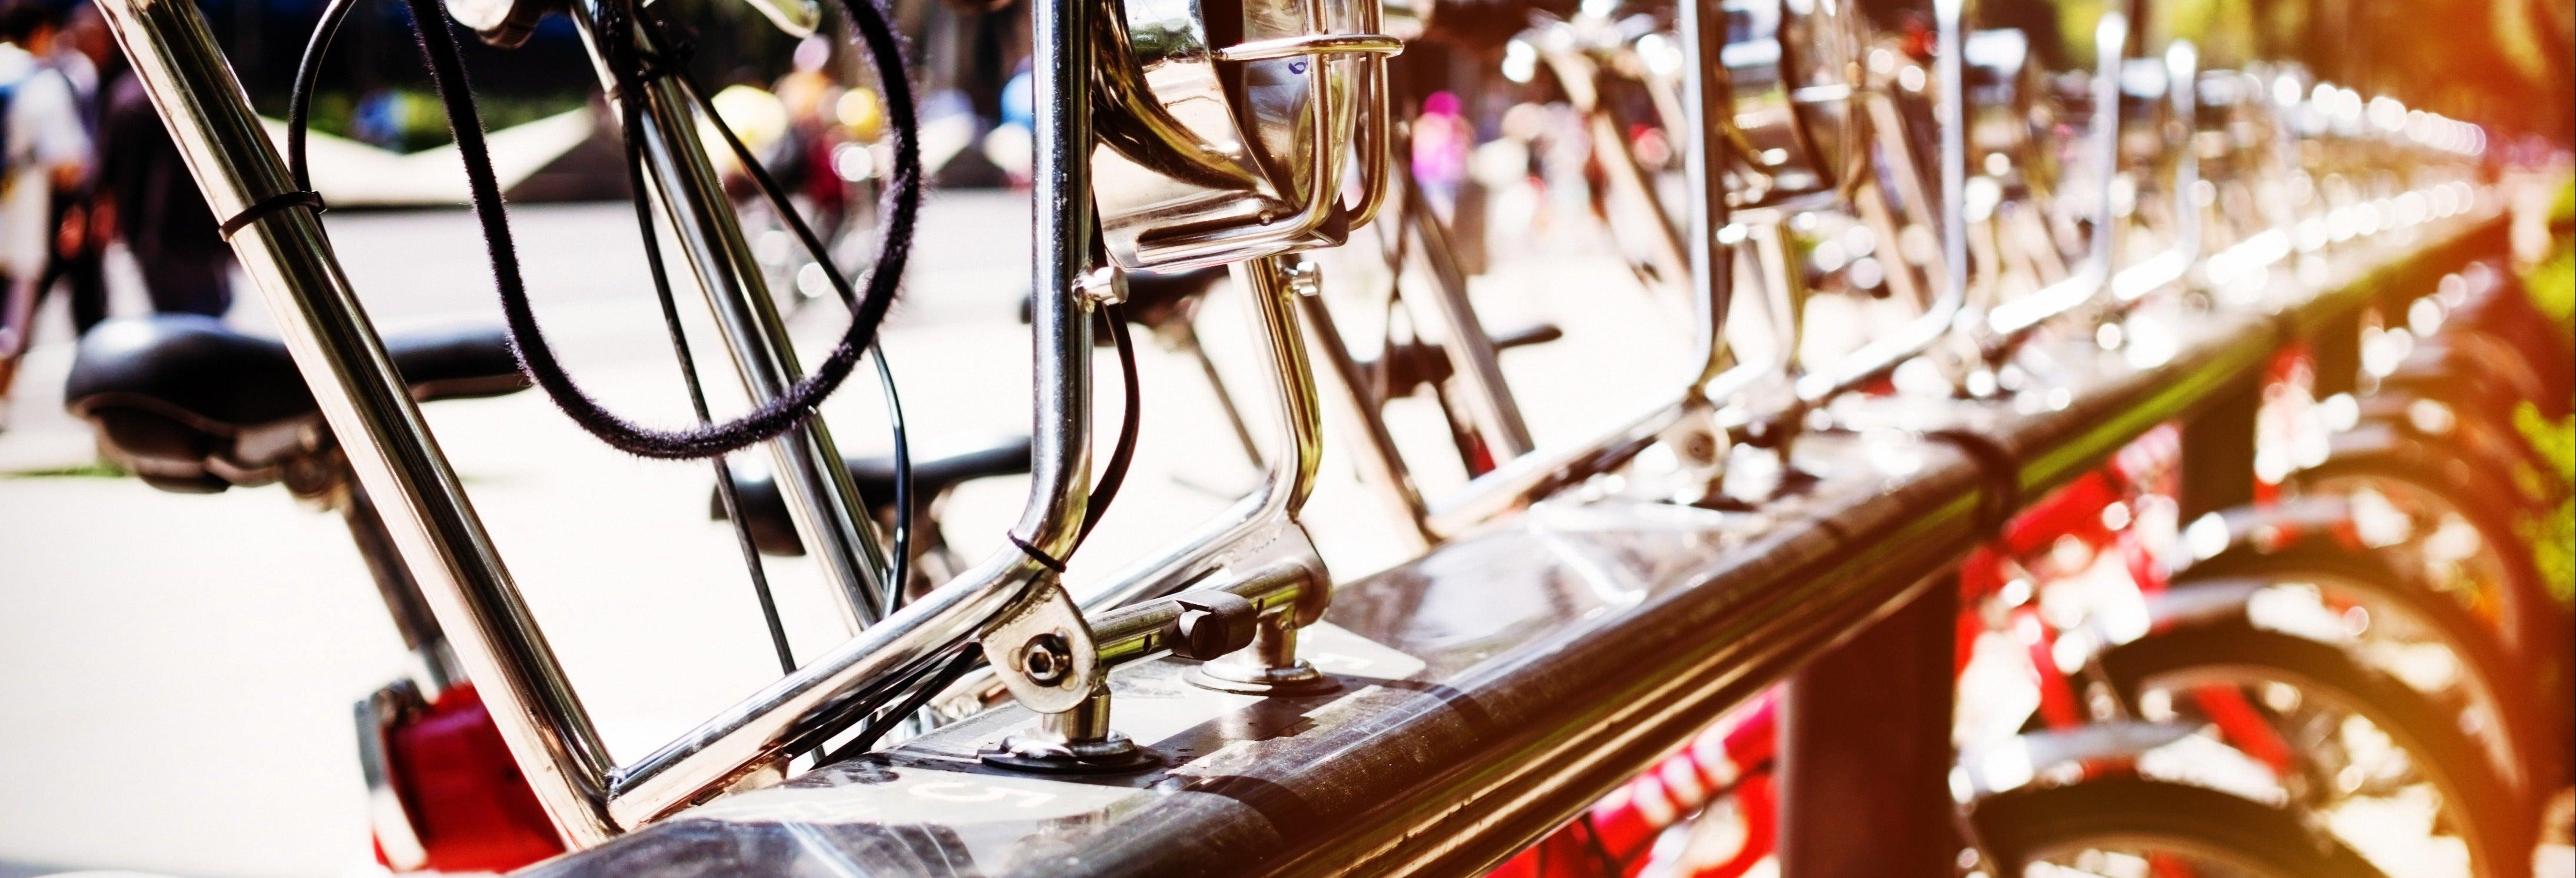 Escursione ad Otumba e Axapusco in bici